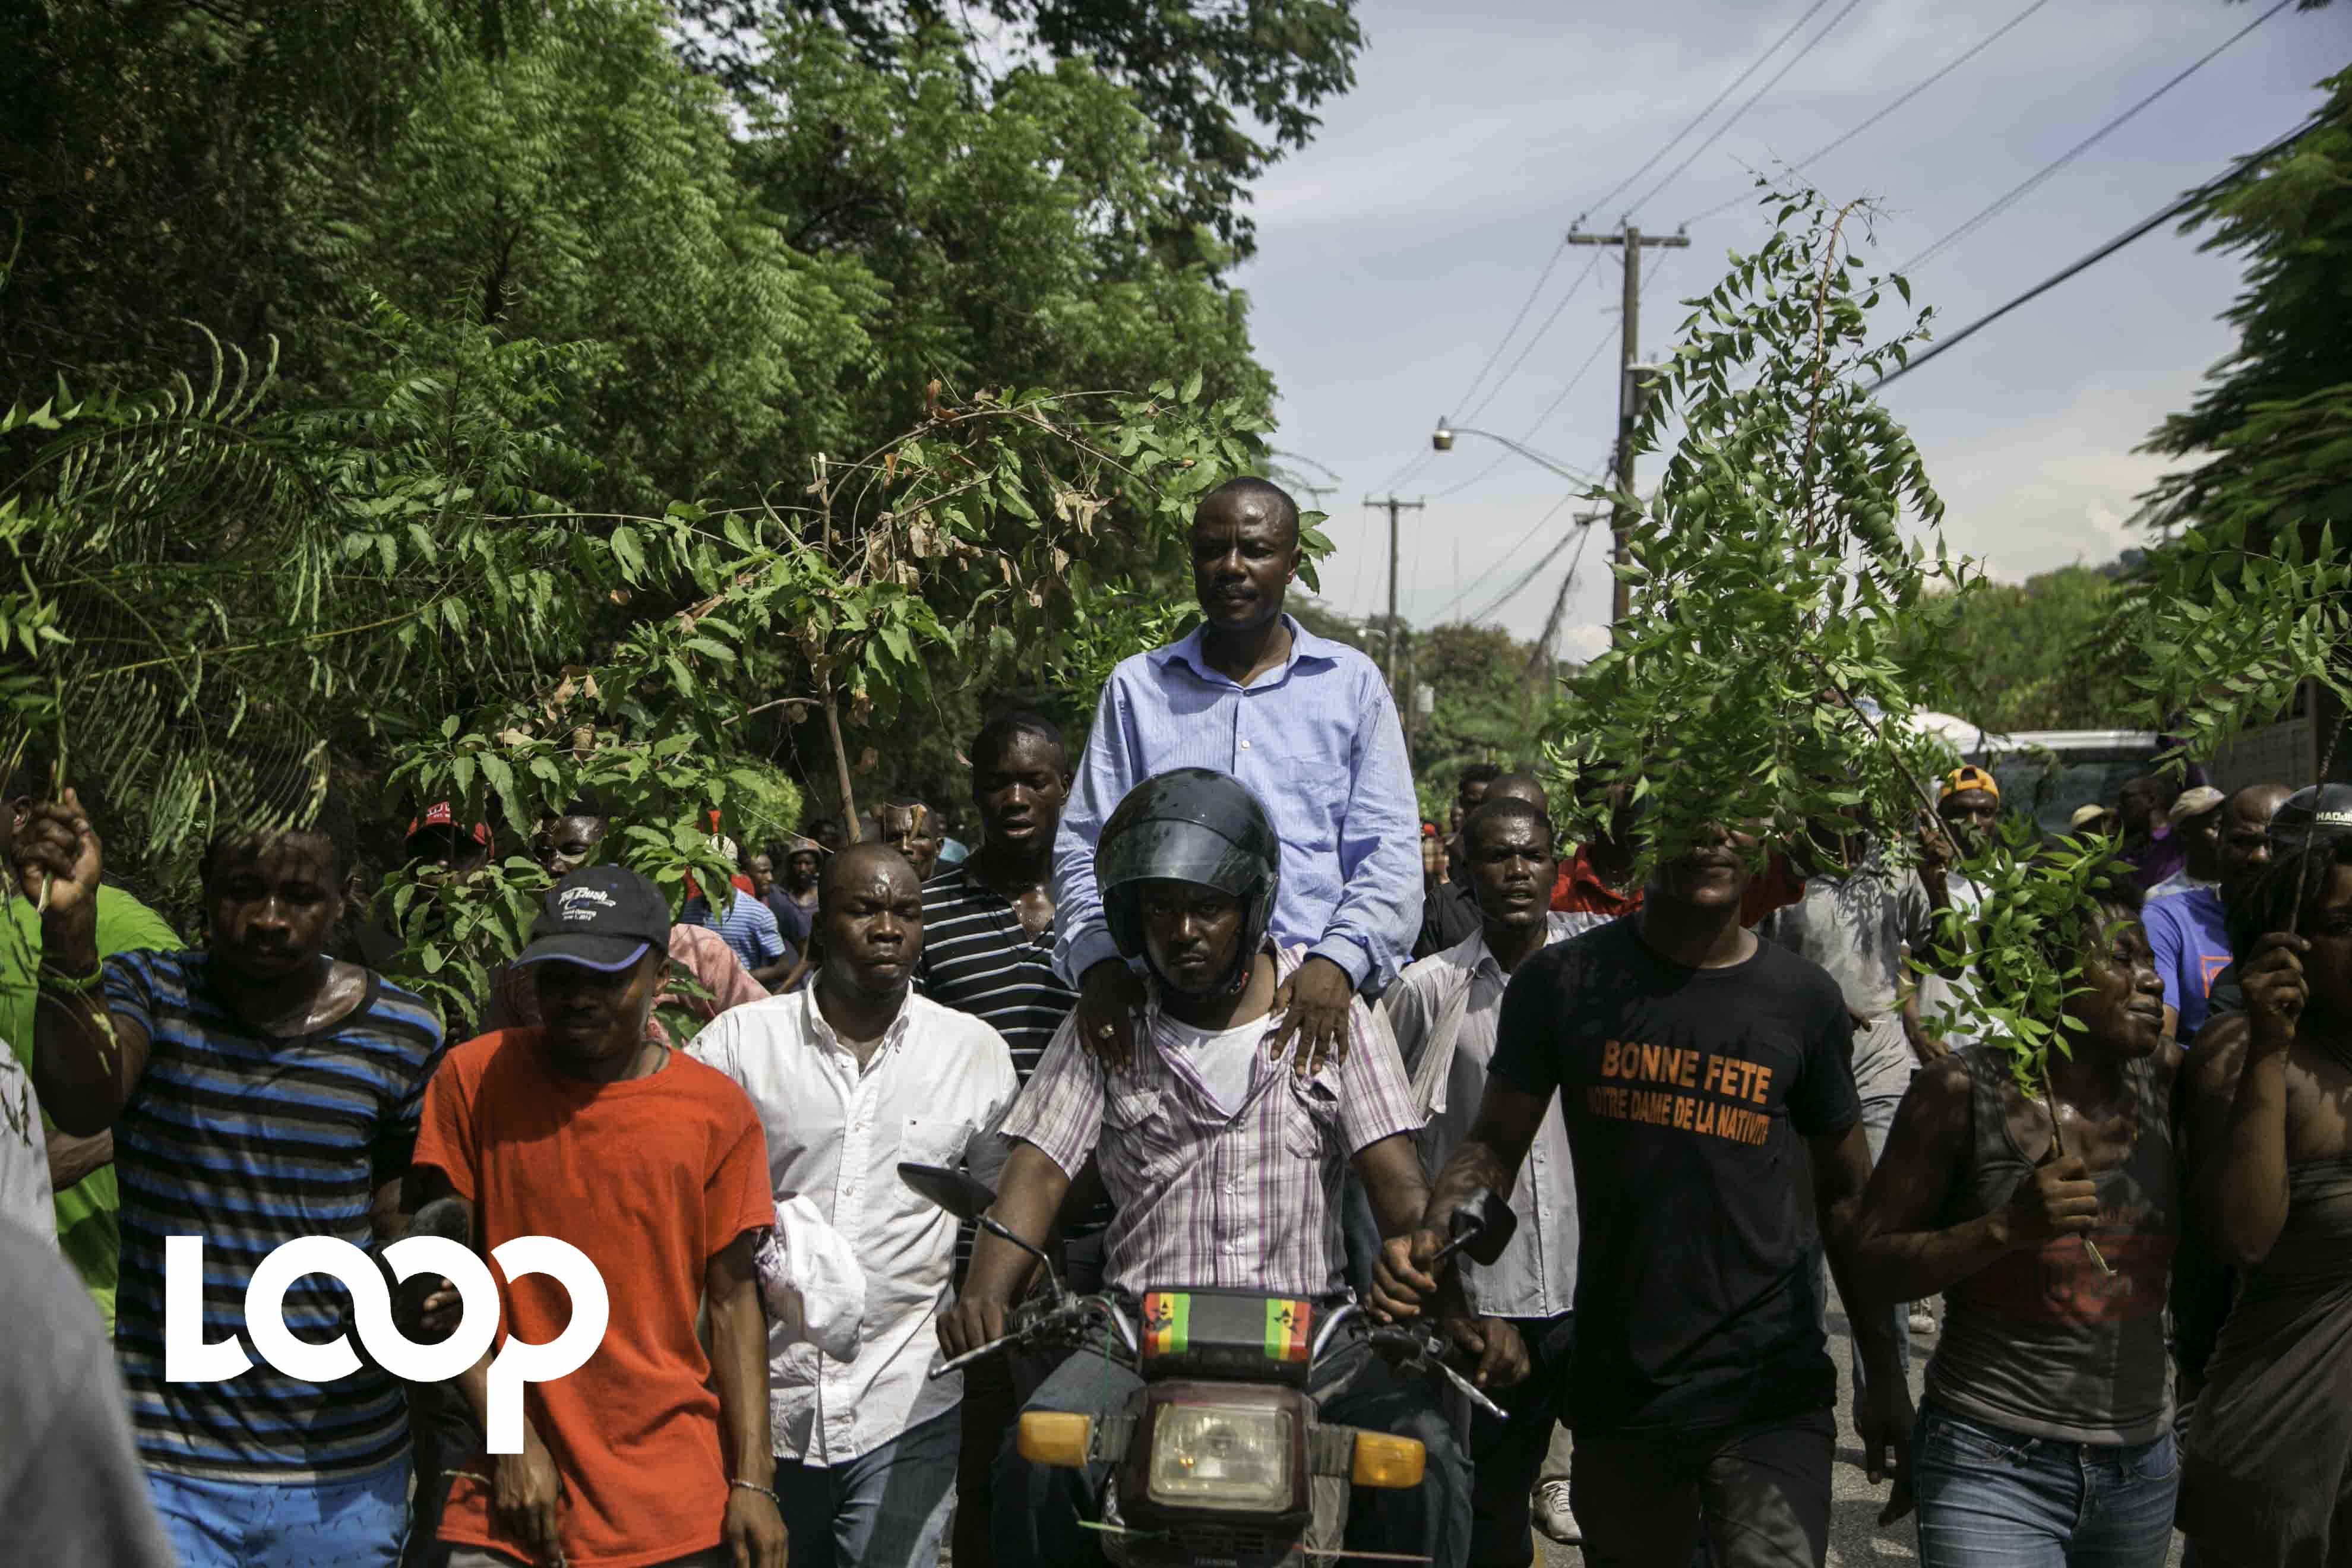 Photo prise à la manifestation de l'opposition le 13 septembre dernier. Crédit : LoopHaiti